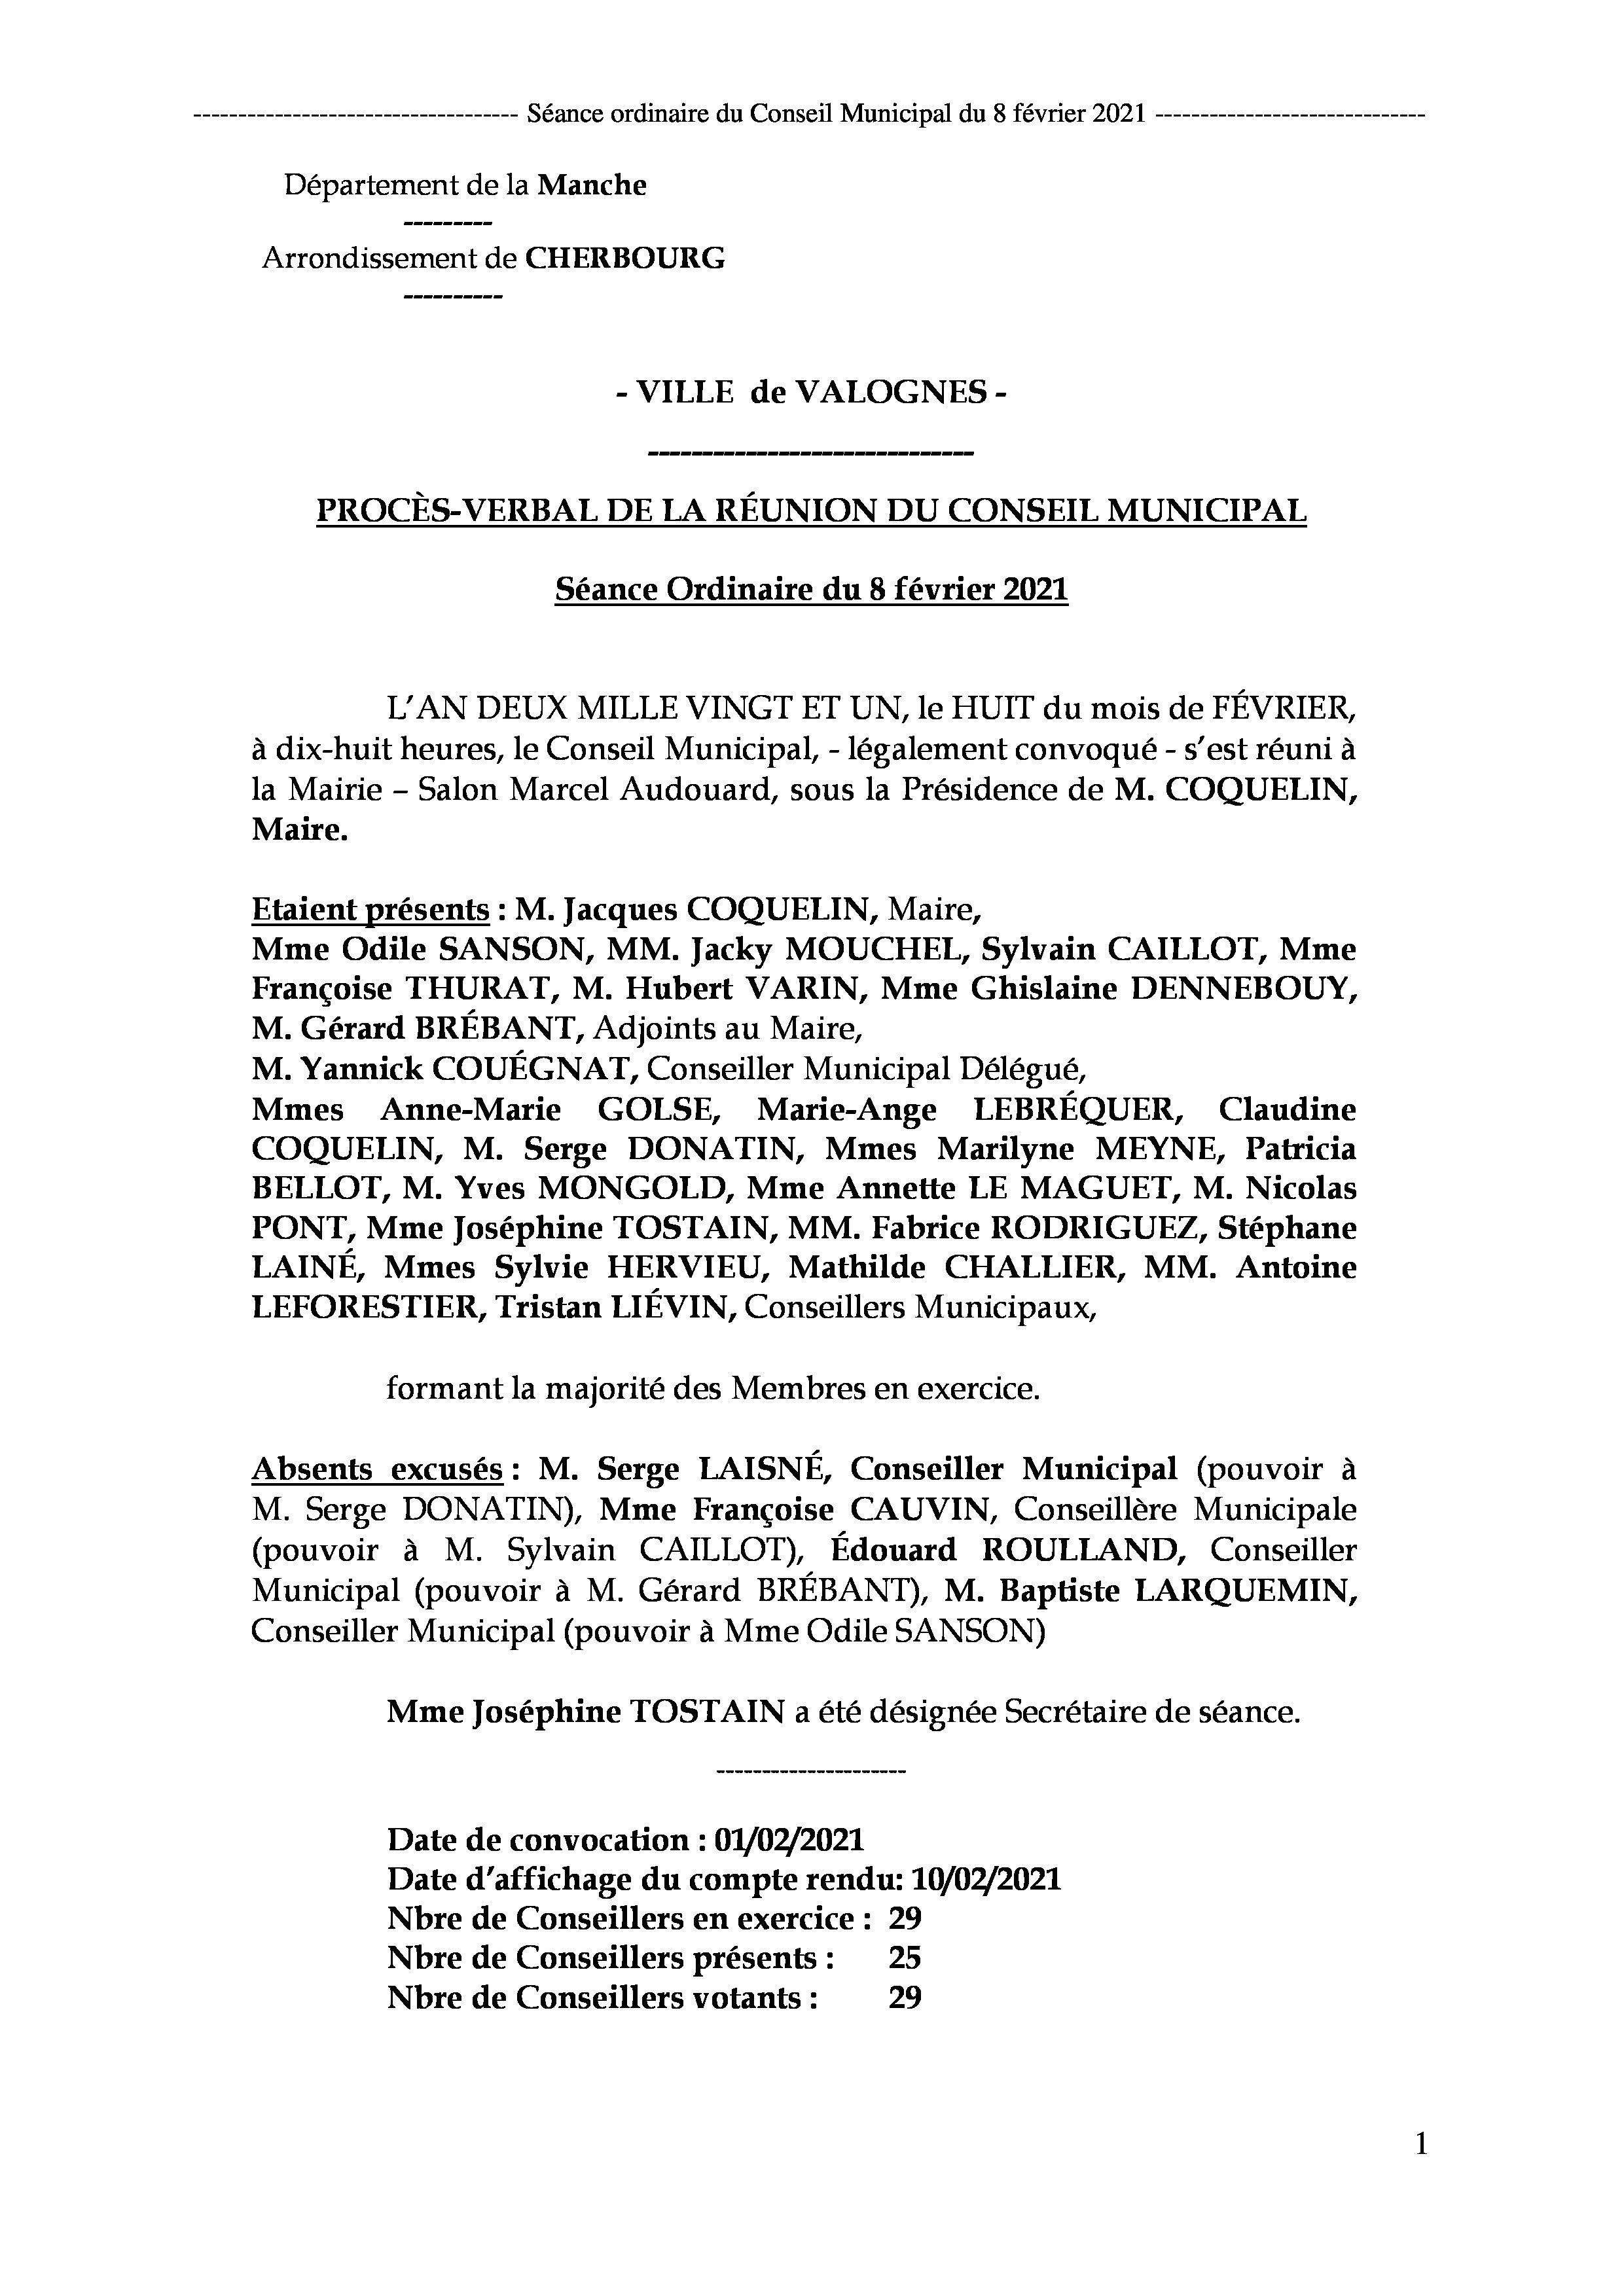 PV de la séance du 8 février 2021 - Procès-verbal de la réunion ordinaire du Conseil Municipal du 8 février 2021, approuvé à l